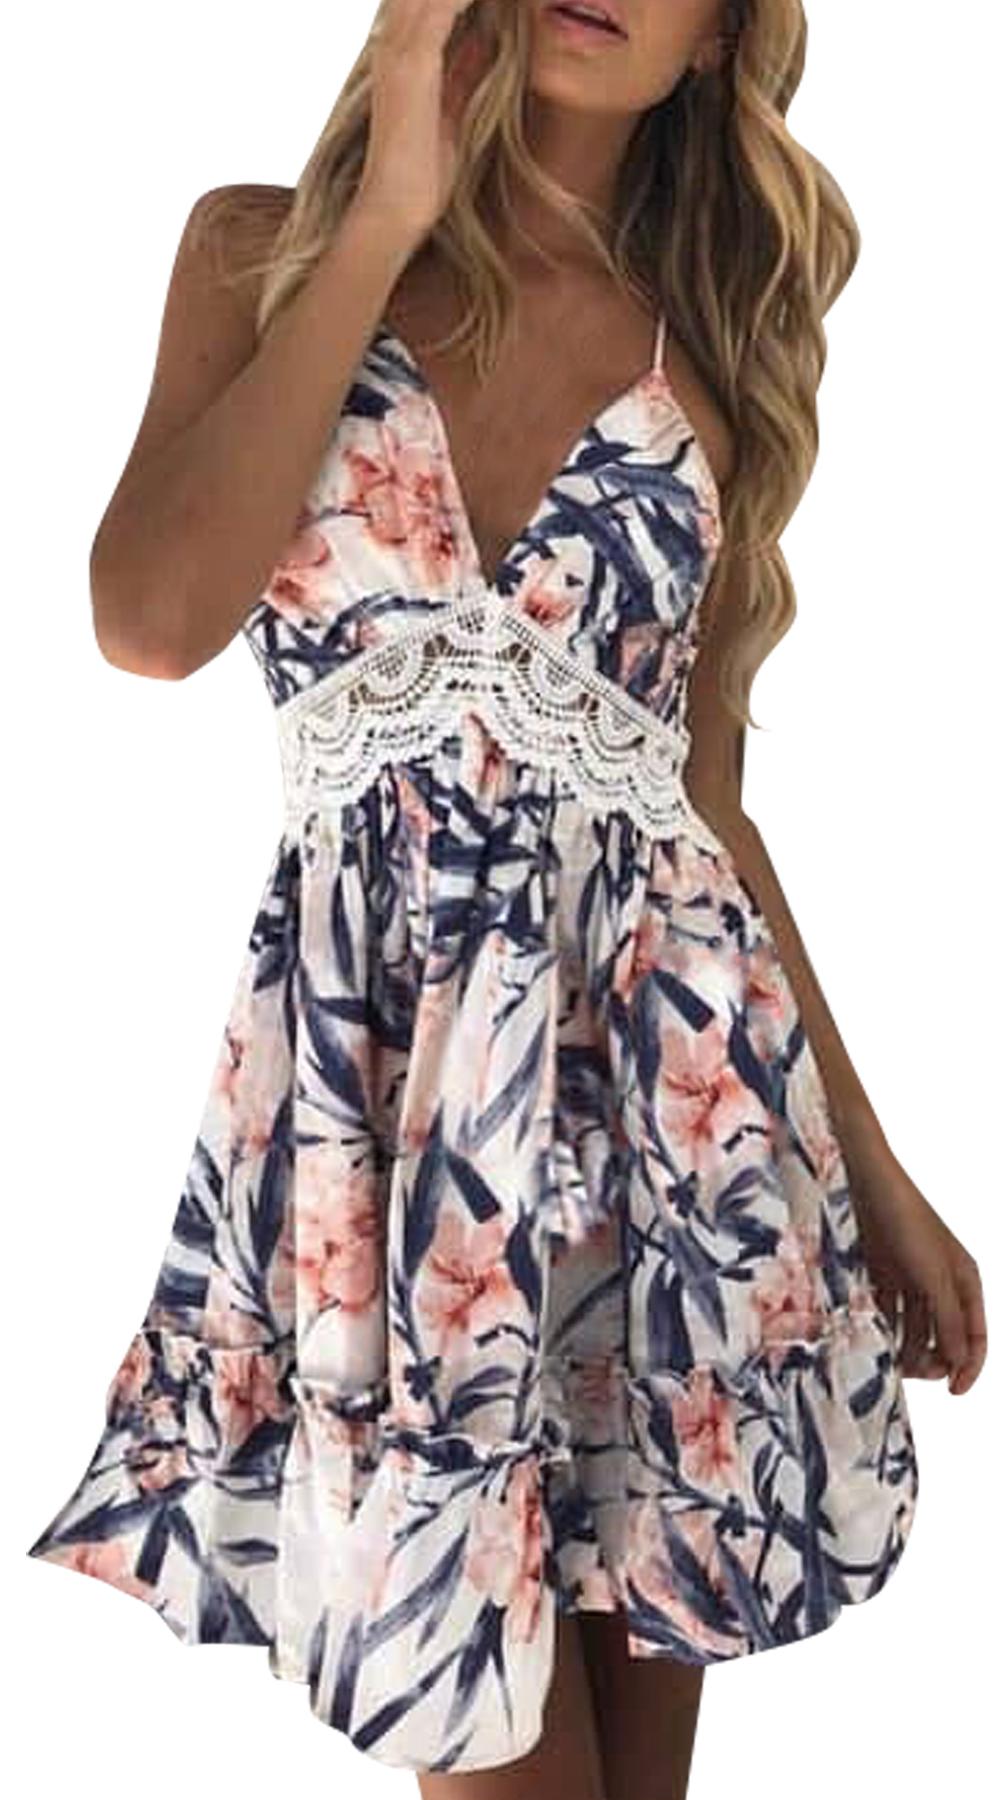 Μίνι φλοράλ με σχέδιο δαντέλα στην πλάτη - MissReina - S18SOF-53362 φορέματα φλοράλ φορέματα